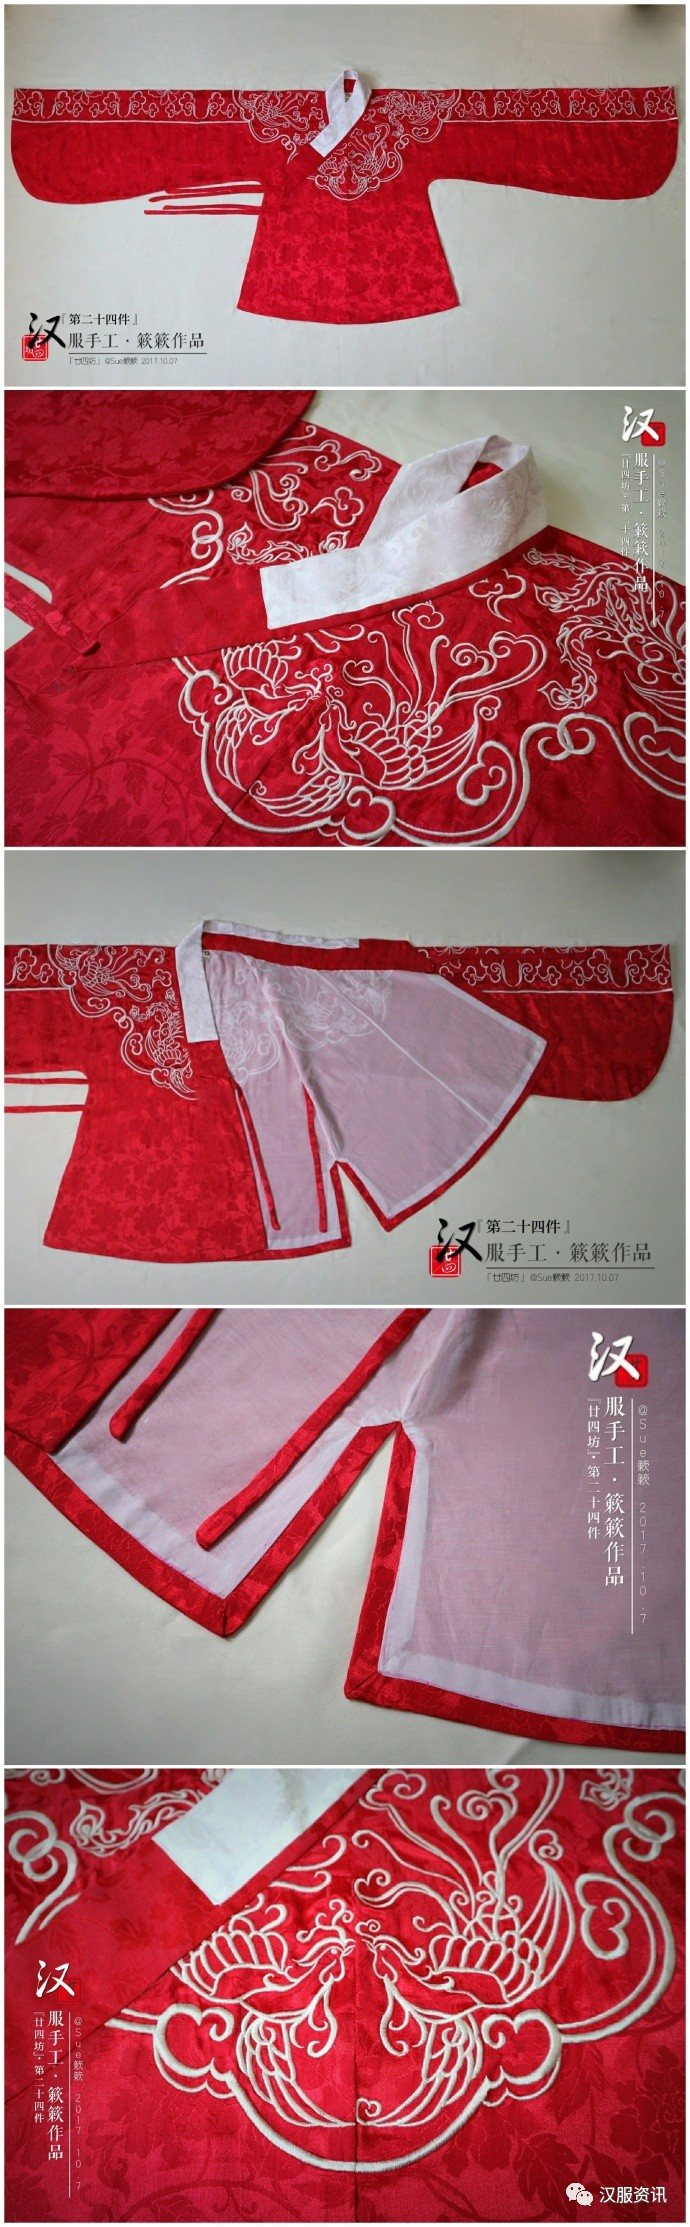 怎样制作一件汉服交领短袄-图片2